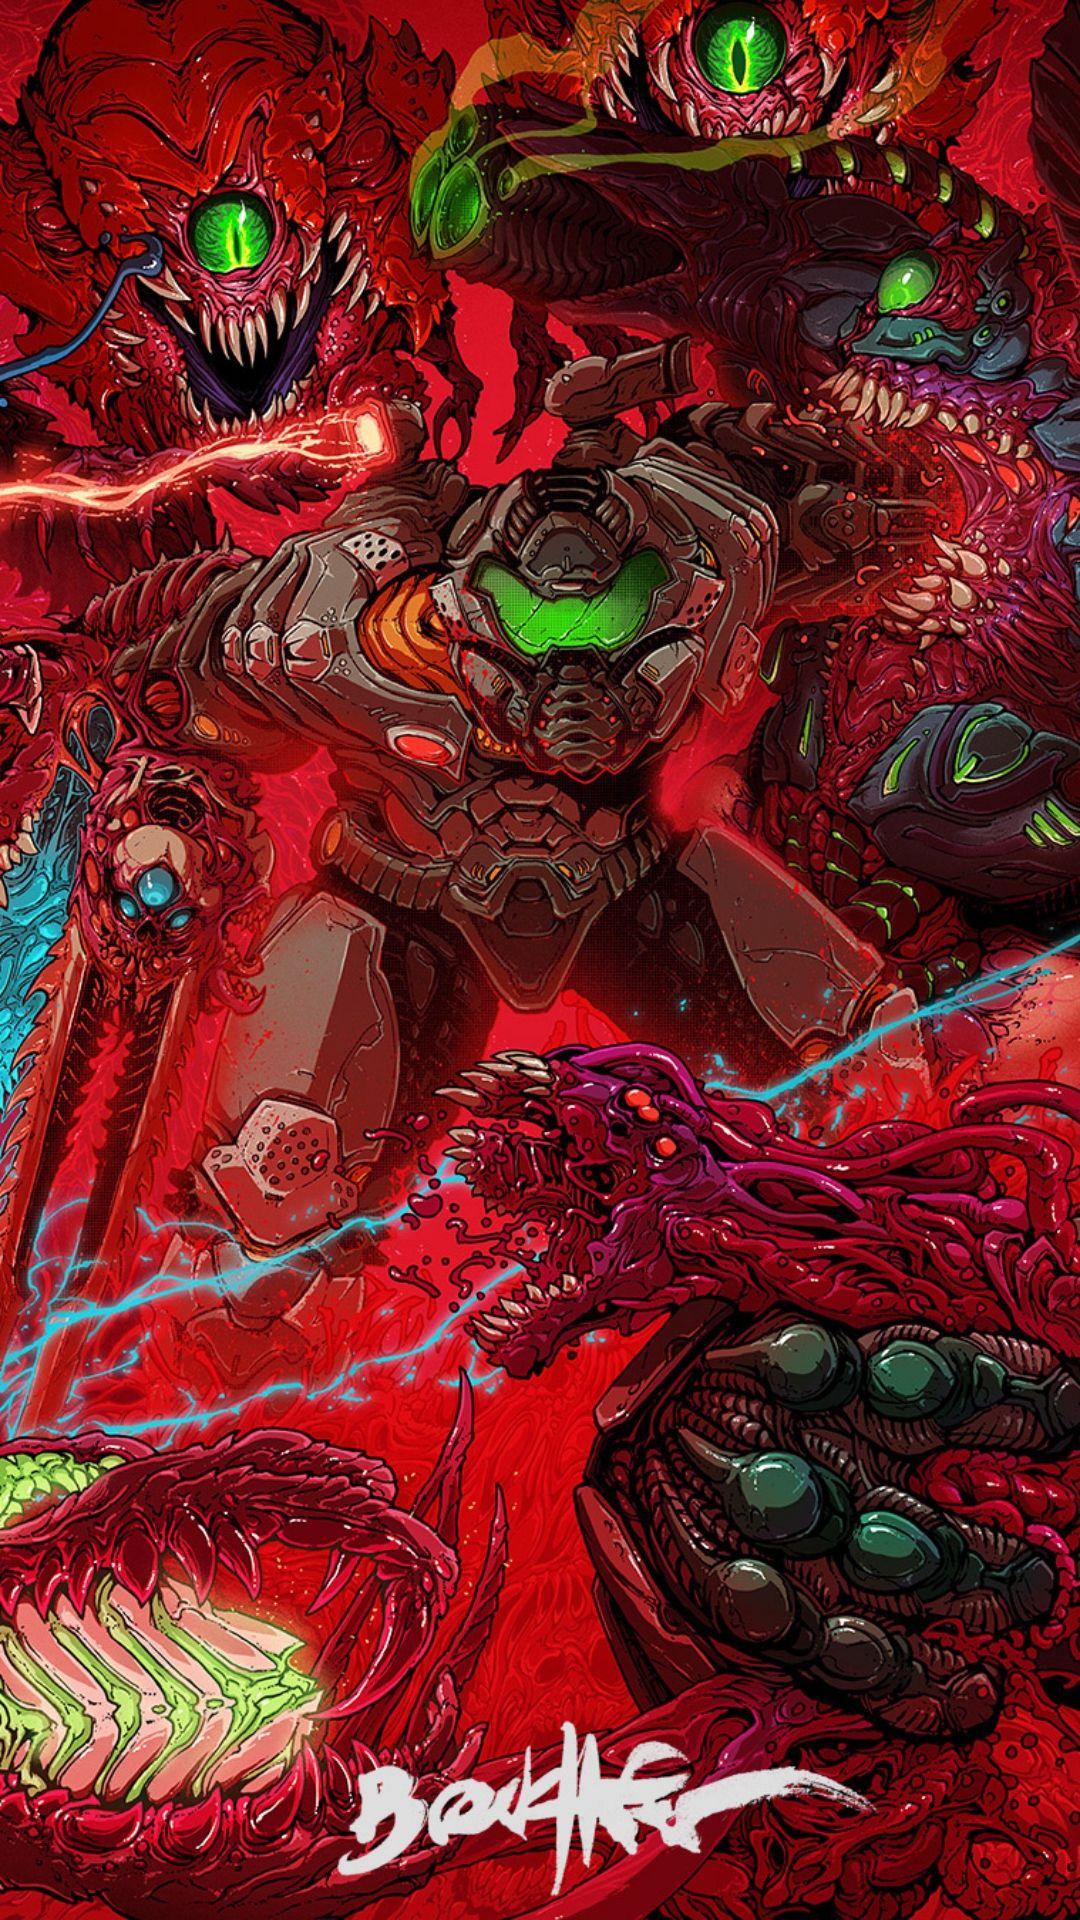 Doom Wallpaper Wallpaperize In 2020 Doom Videogame Doom Doom 1993